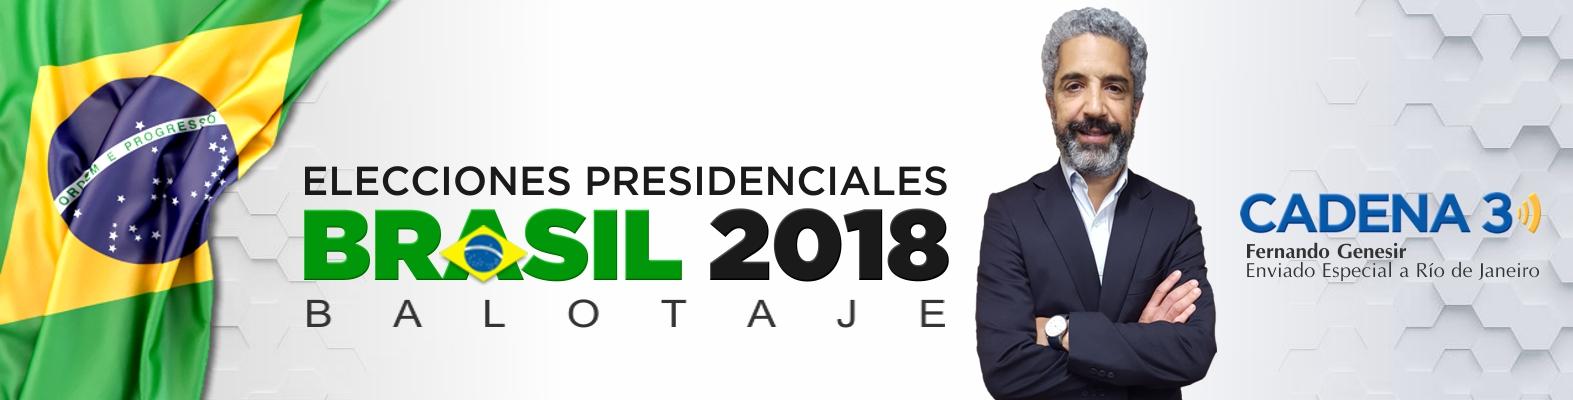 Presidenciales de Brasil